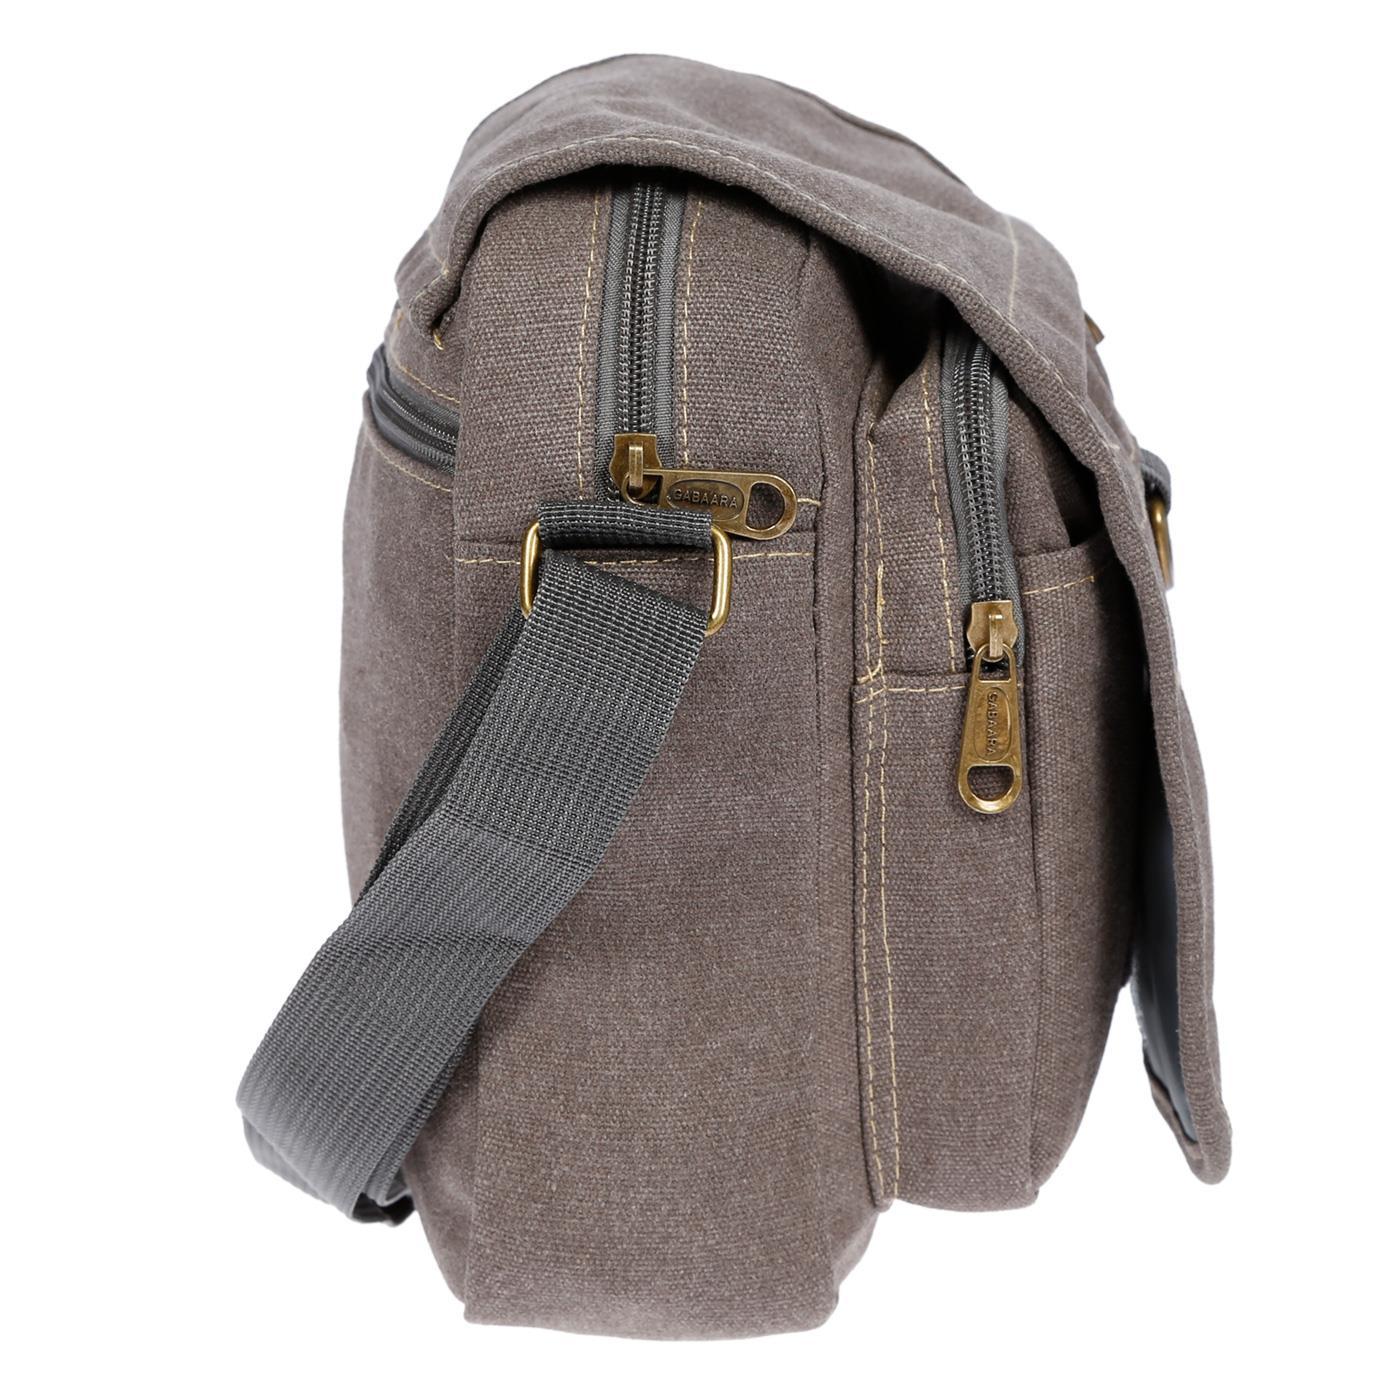 Damen-Herren-Tasche-Canvas-Umhaengetasche-Schultertasche-Crossover-Bag-Handtasche Indexbild 19